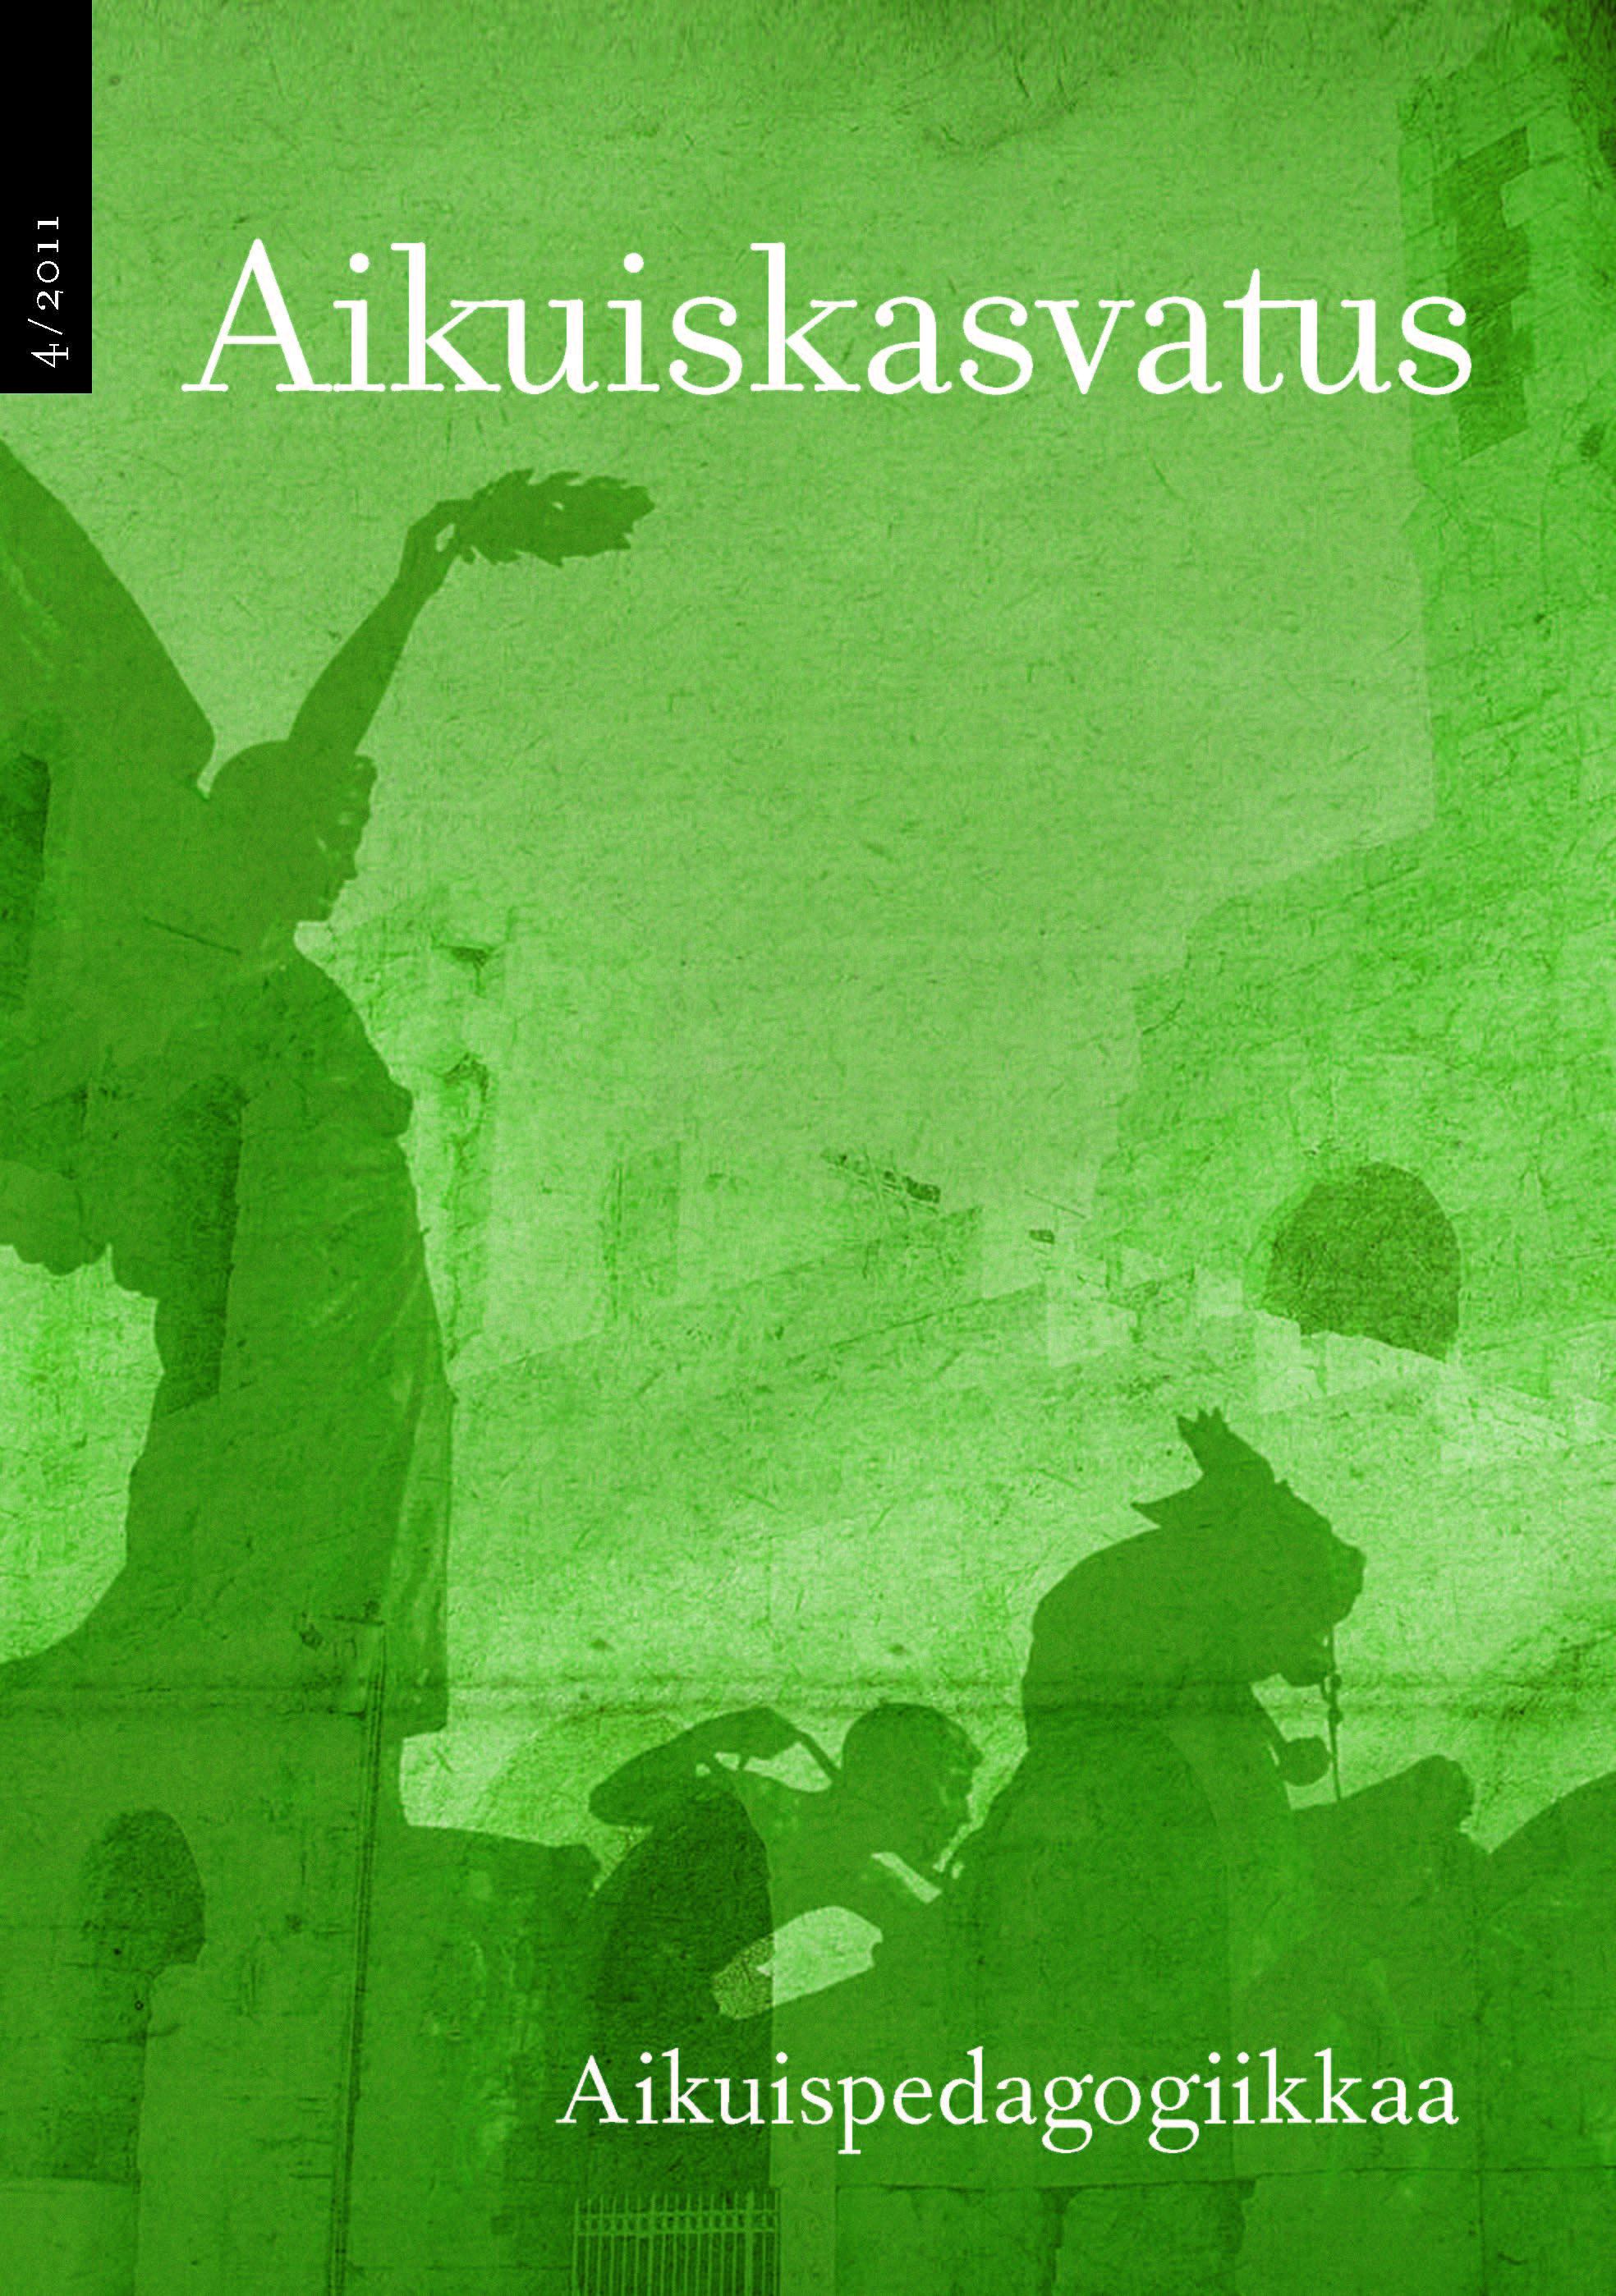 Näytä Vol 31 Nro 4 (2011): Aikuiskasvatus 4/2011: Aikuispedagogiikkaa